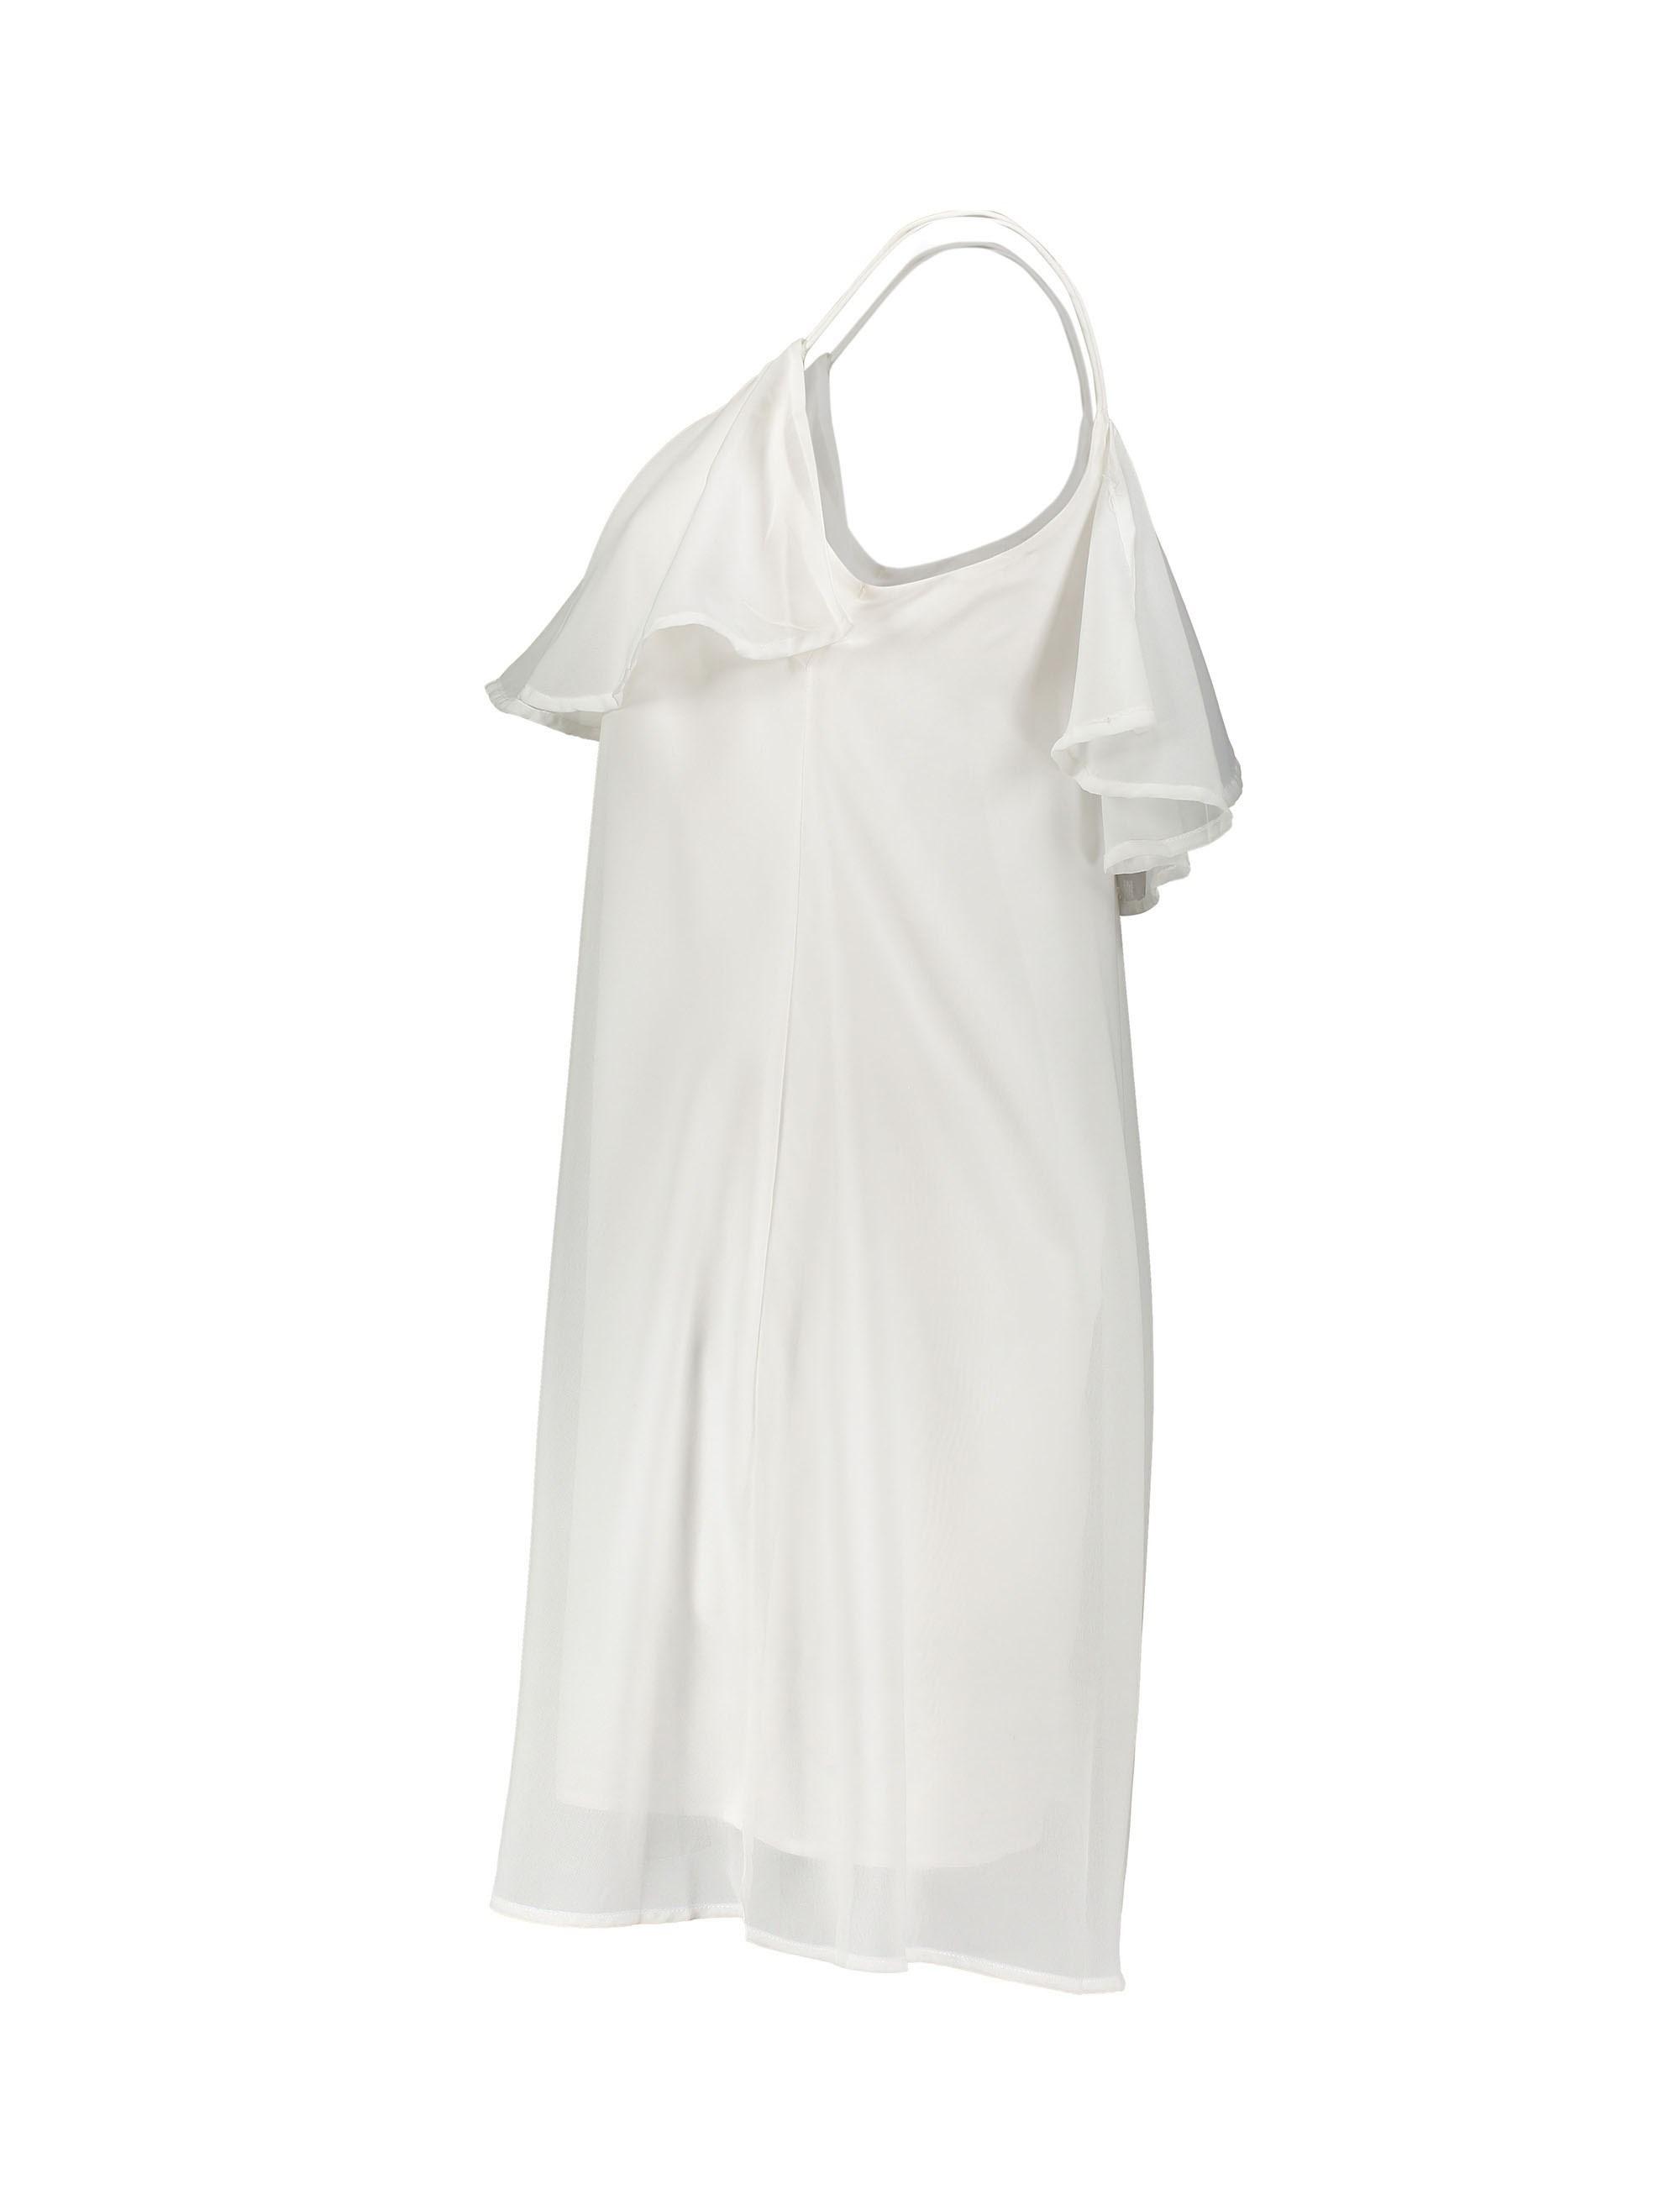 پیراهن کوتاه زنانه - سفيد - 3